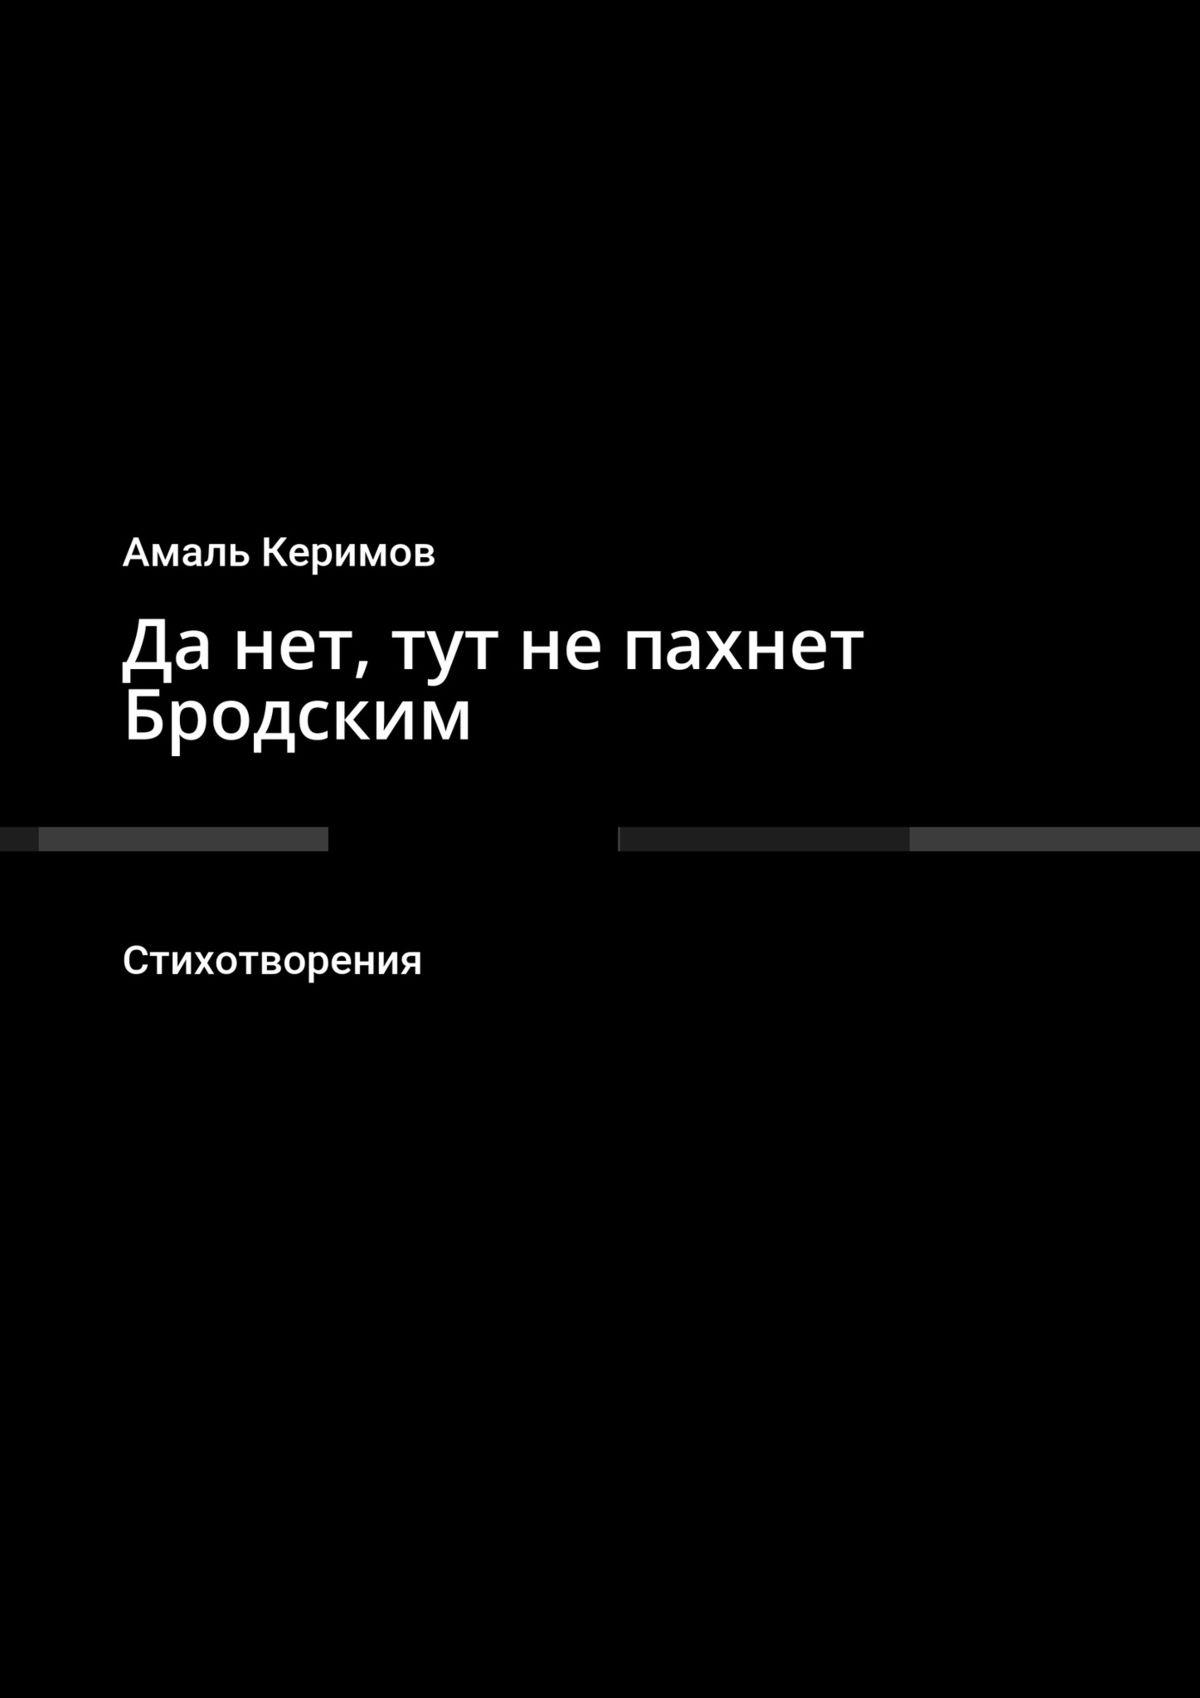 Амаль Керимов Да нет, тут не пахнет Бродским. Стихотворения